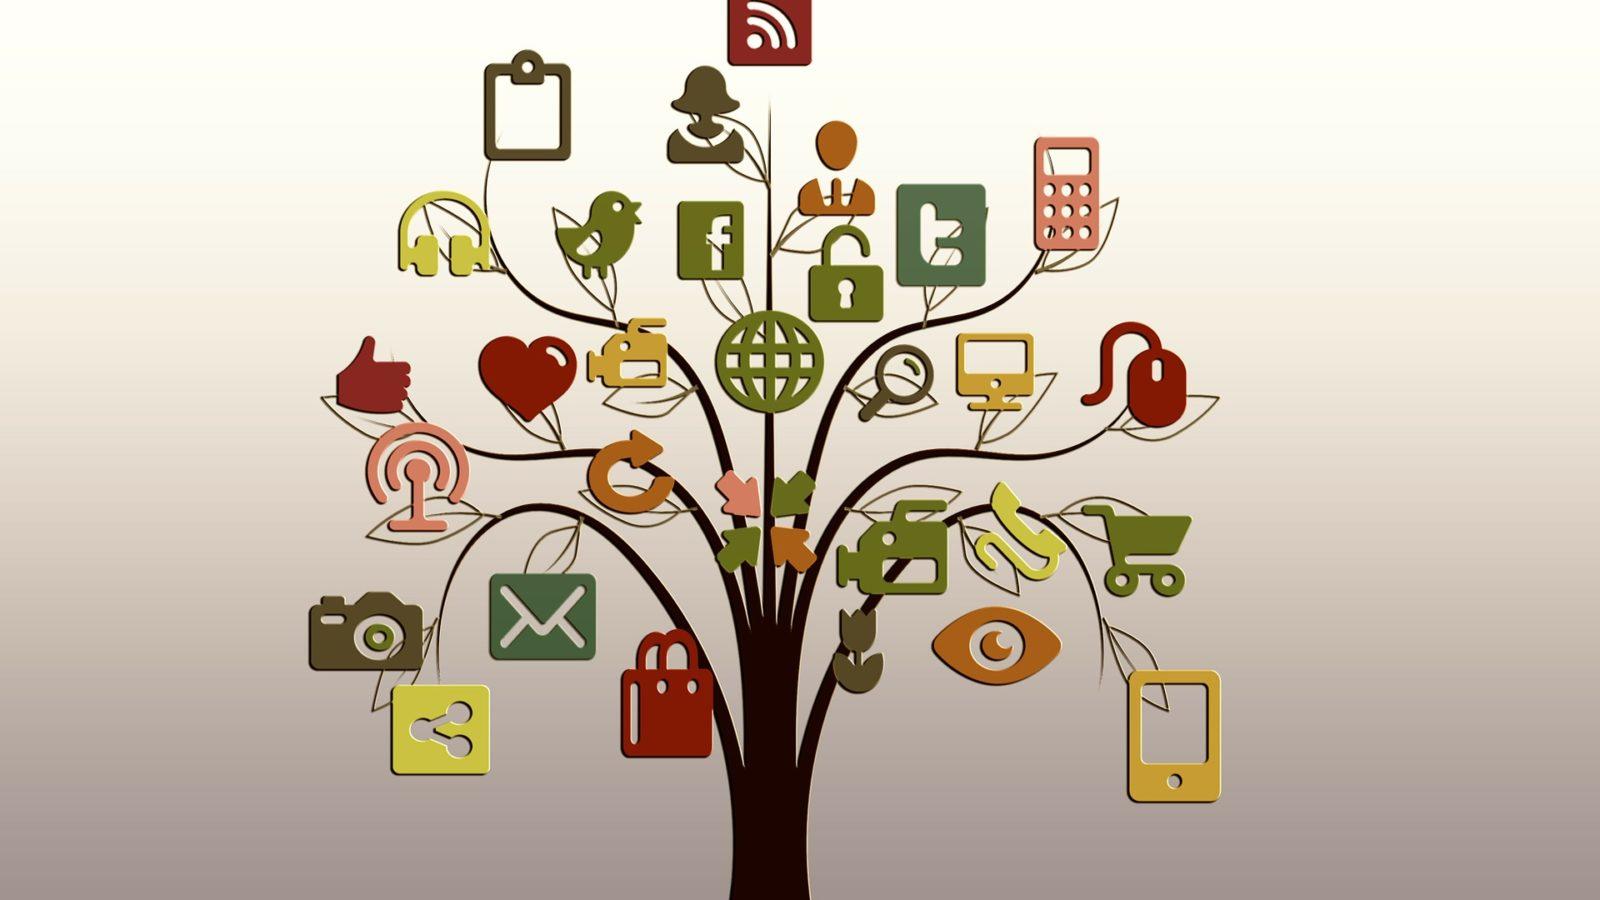 albero-web-social-interconnessione